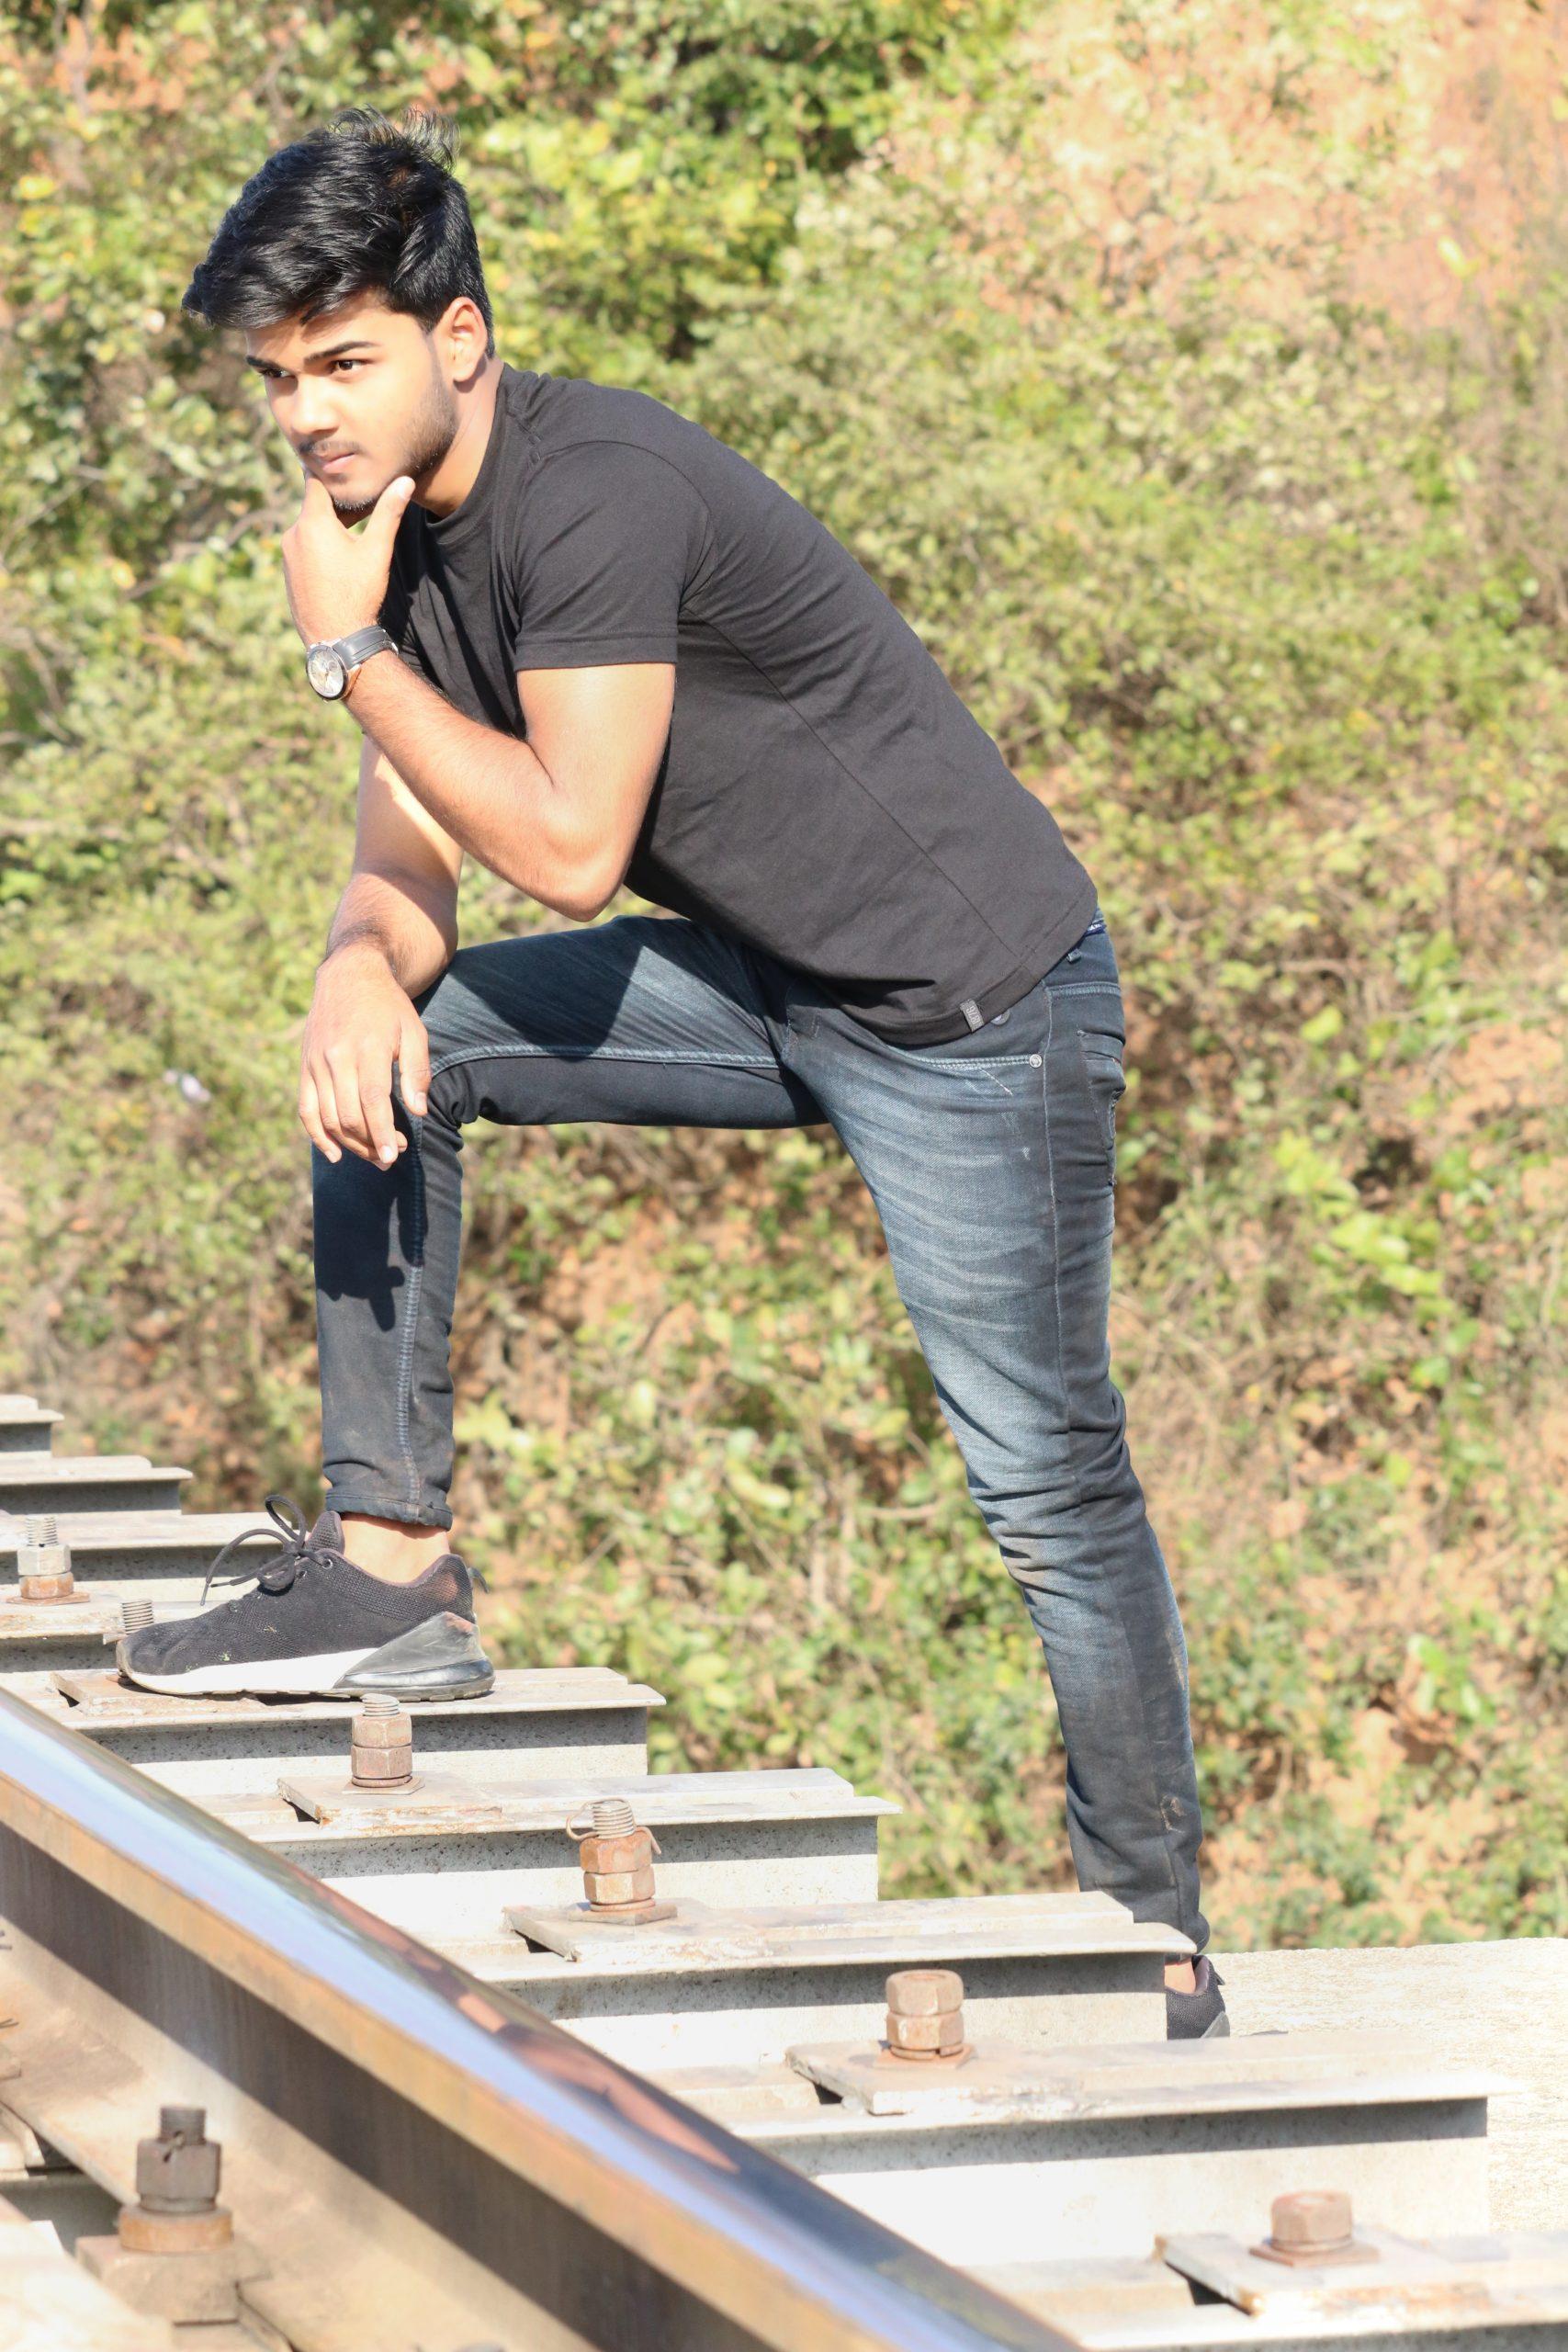 A stylish boy near railway track